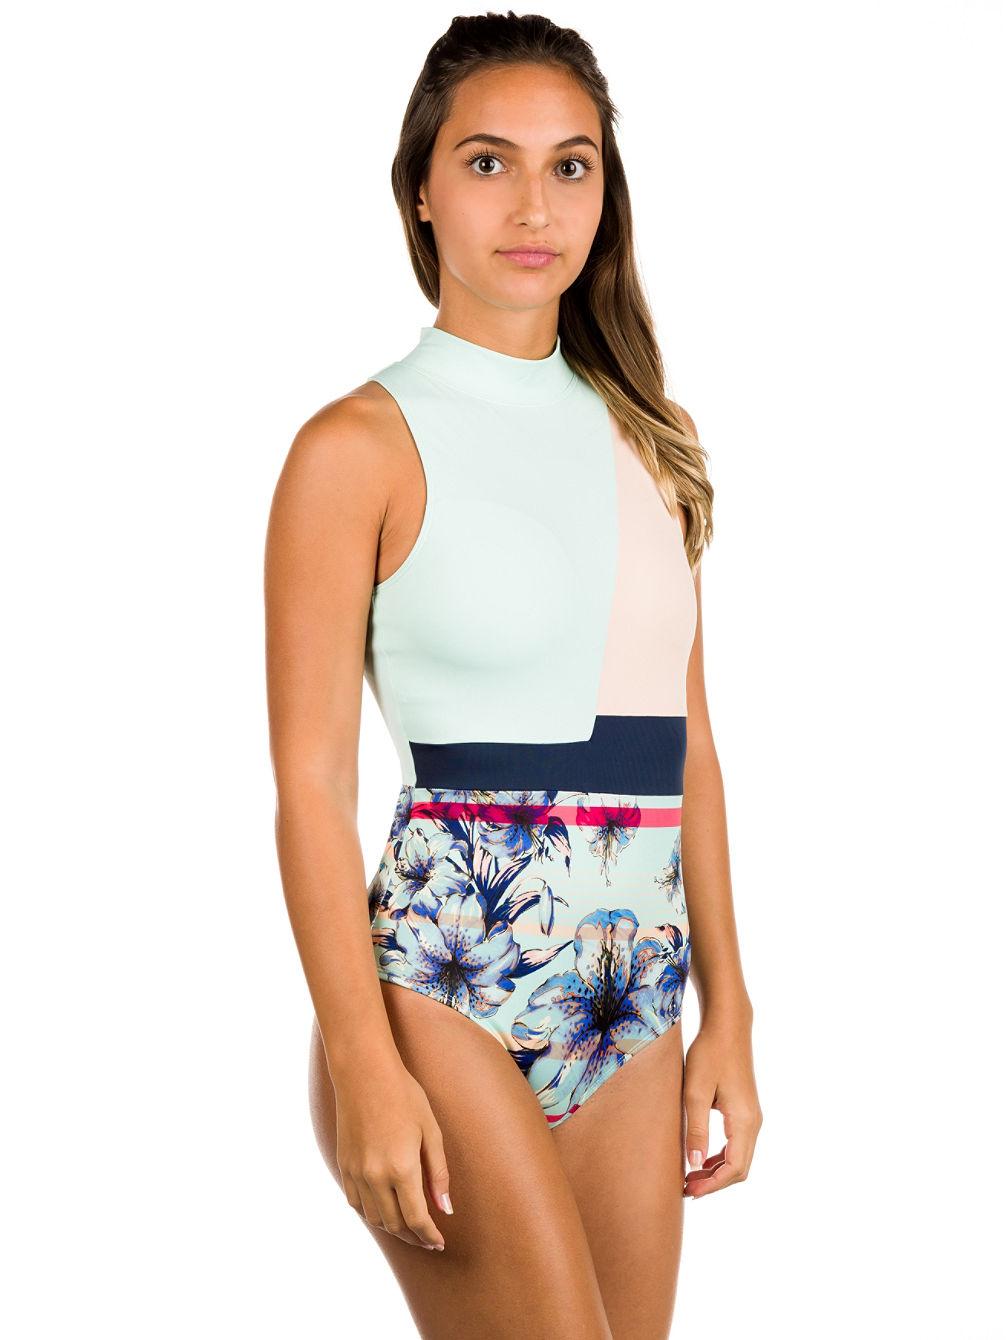 d76bbfed27 Achetez Roxy Pop Surf Fashion Maillots de Bain en ligne sur Blue Tomato